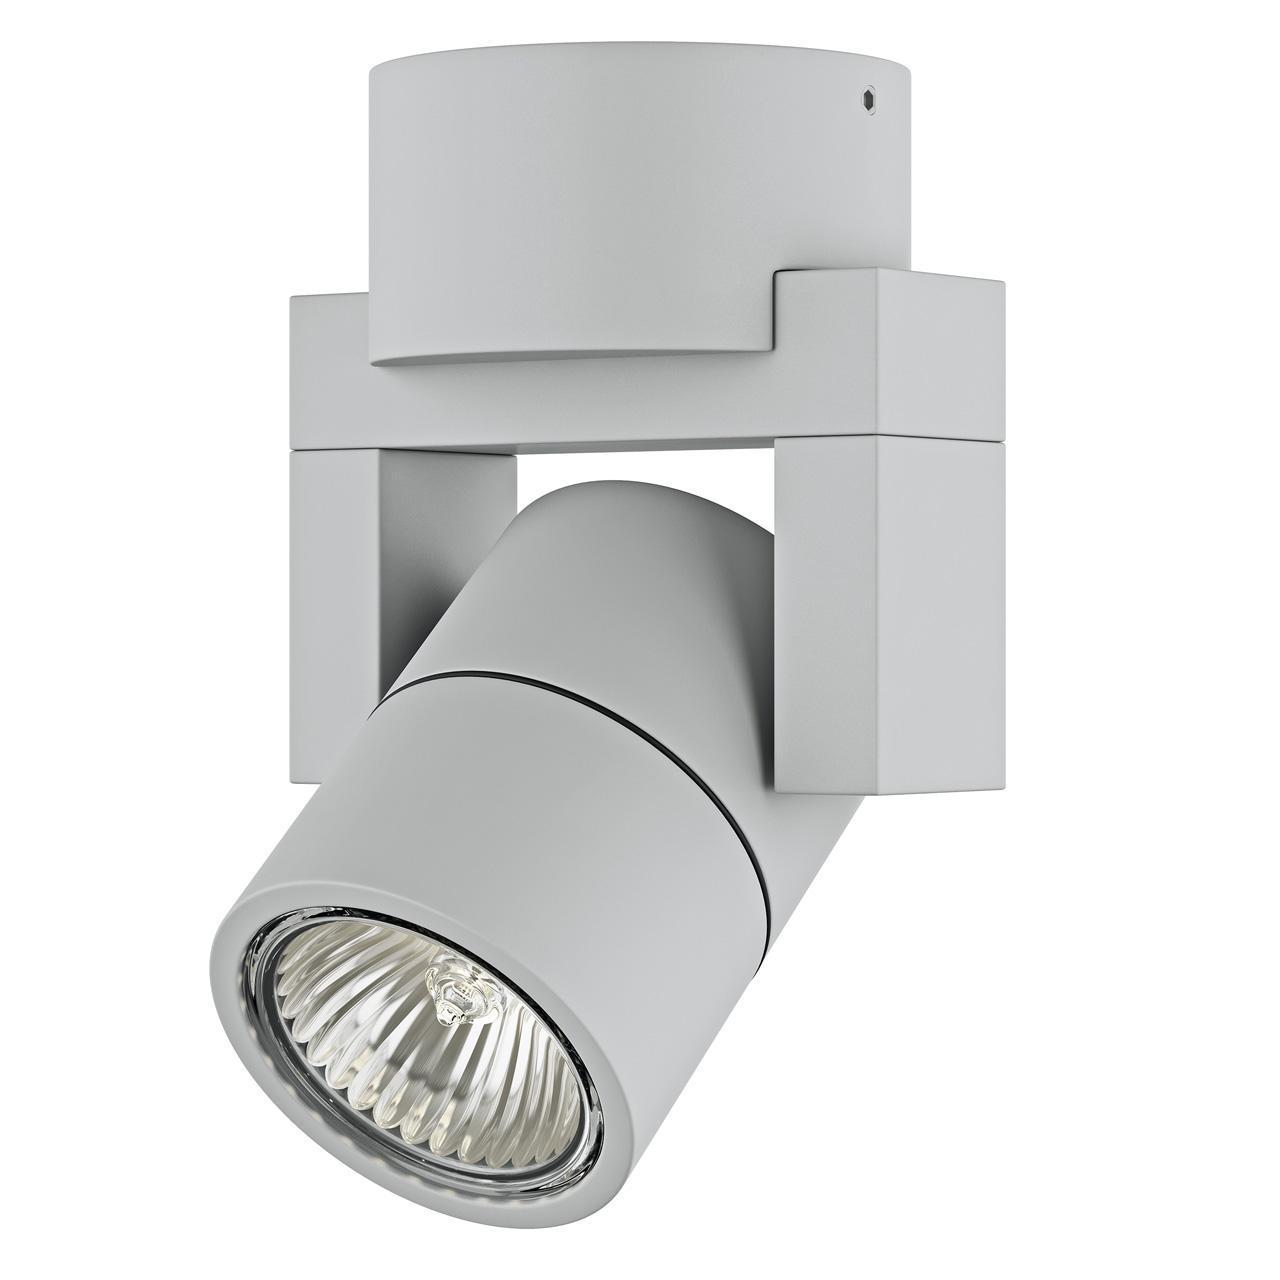 Потолочный светильник Lightstar Illumo L1 051040 lightstar потолочный светильник lightstar illumo l1 051040